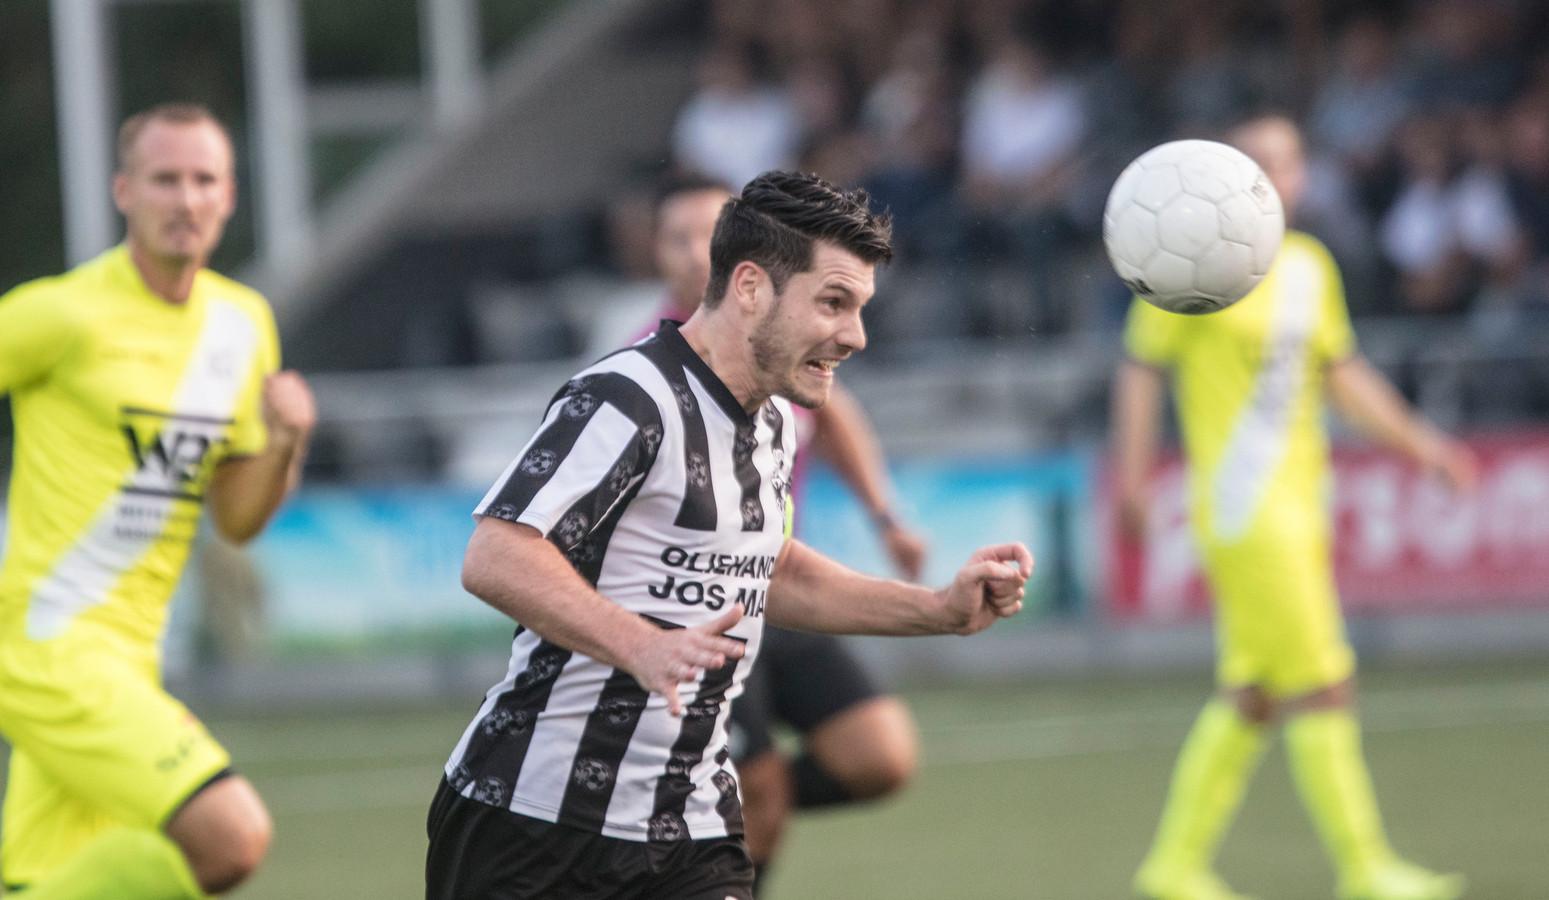 Thijs van Pol is teruggekeerd bij Gemert en is de nieuwe aanvoerder.